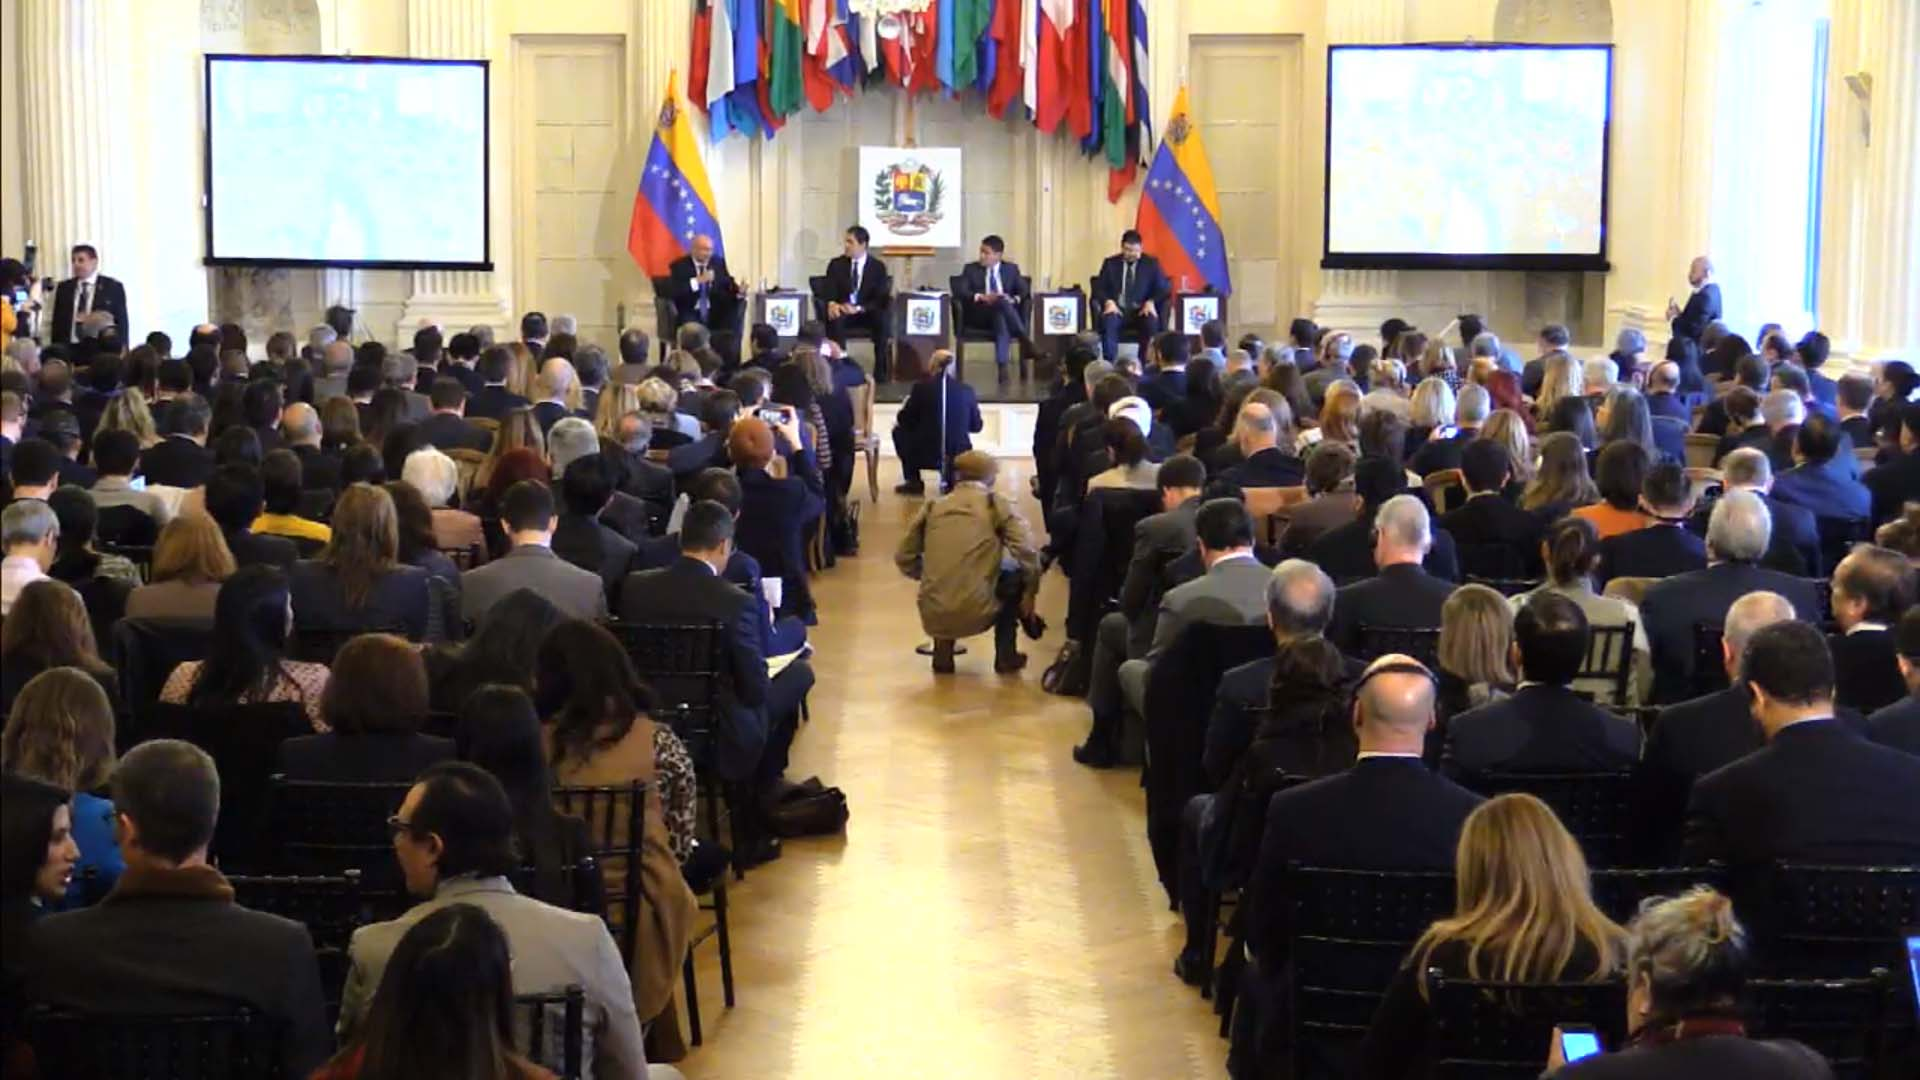 La conferencia sobre ayuda humanitaria en la OEA